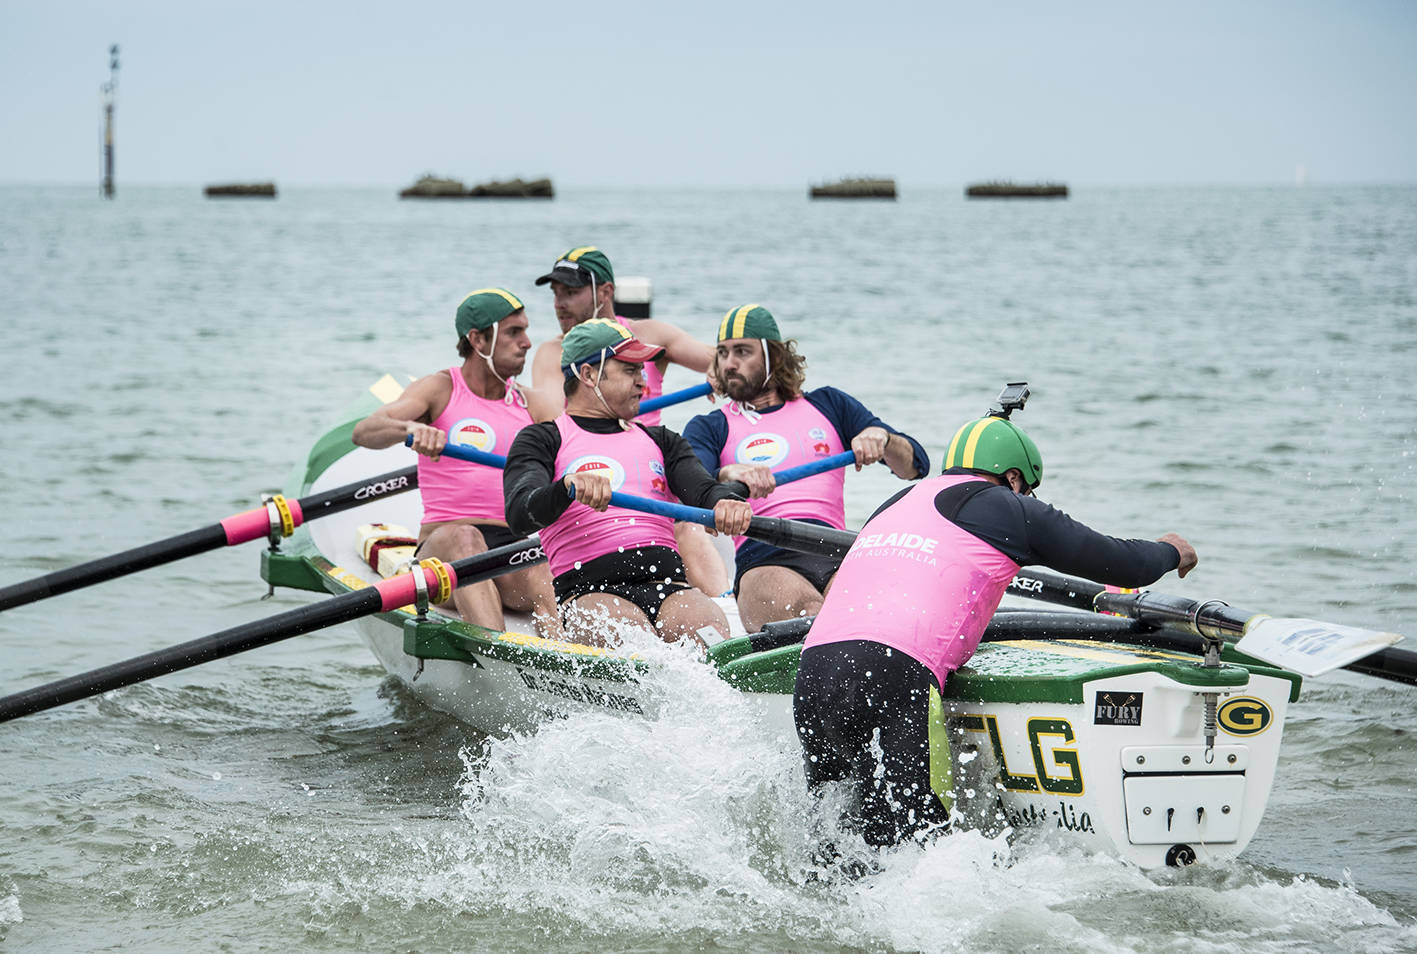 Auch im Programm bei der Weltmeisterschaft: der Wettkampf der Surf Boats (Foto: Steph Dittschar)